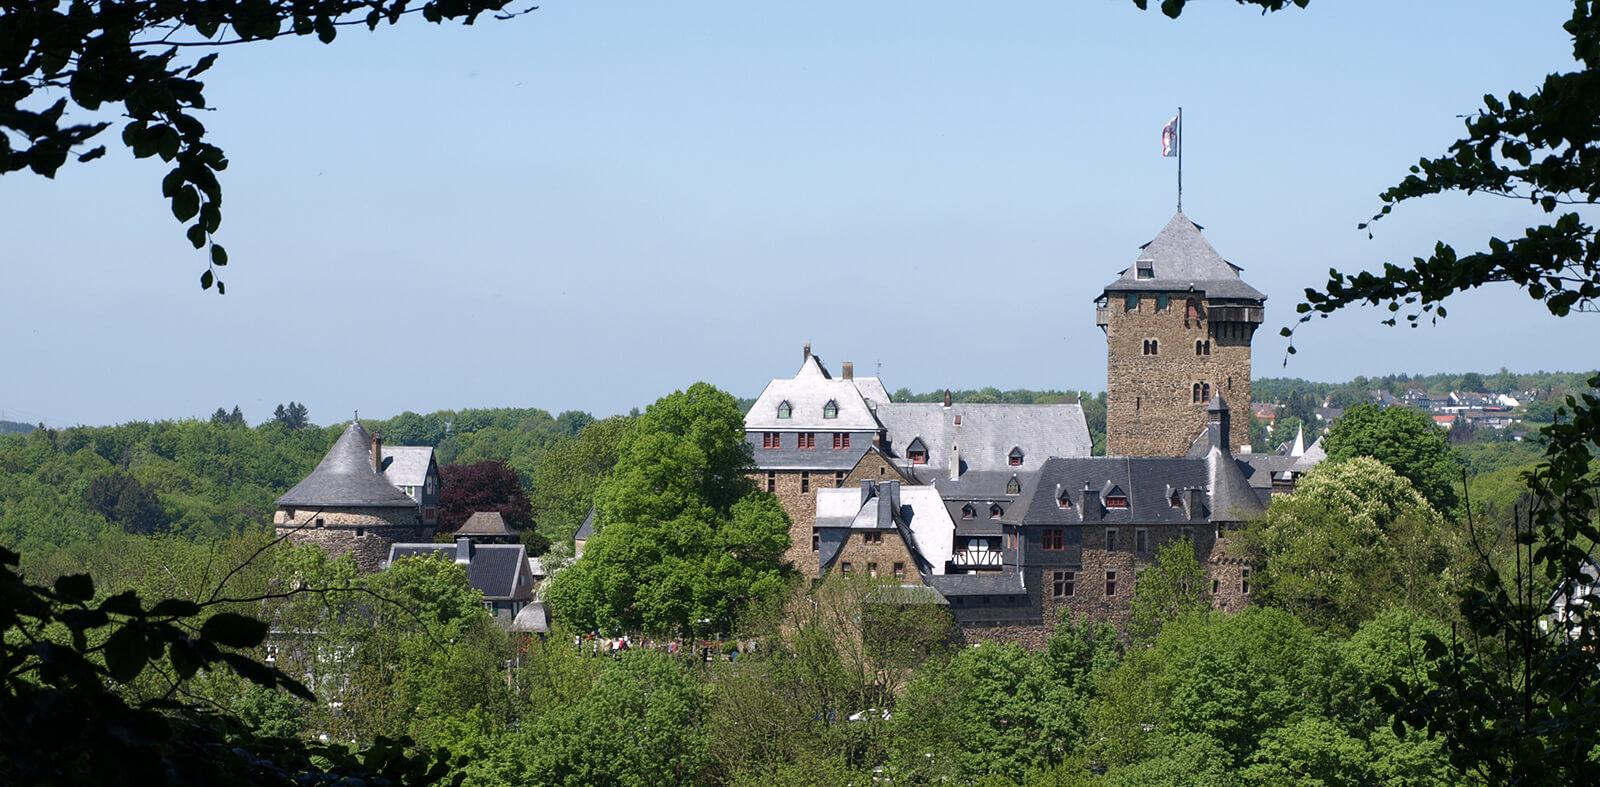 Schloss Burg Gesamtansicht